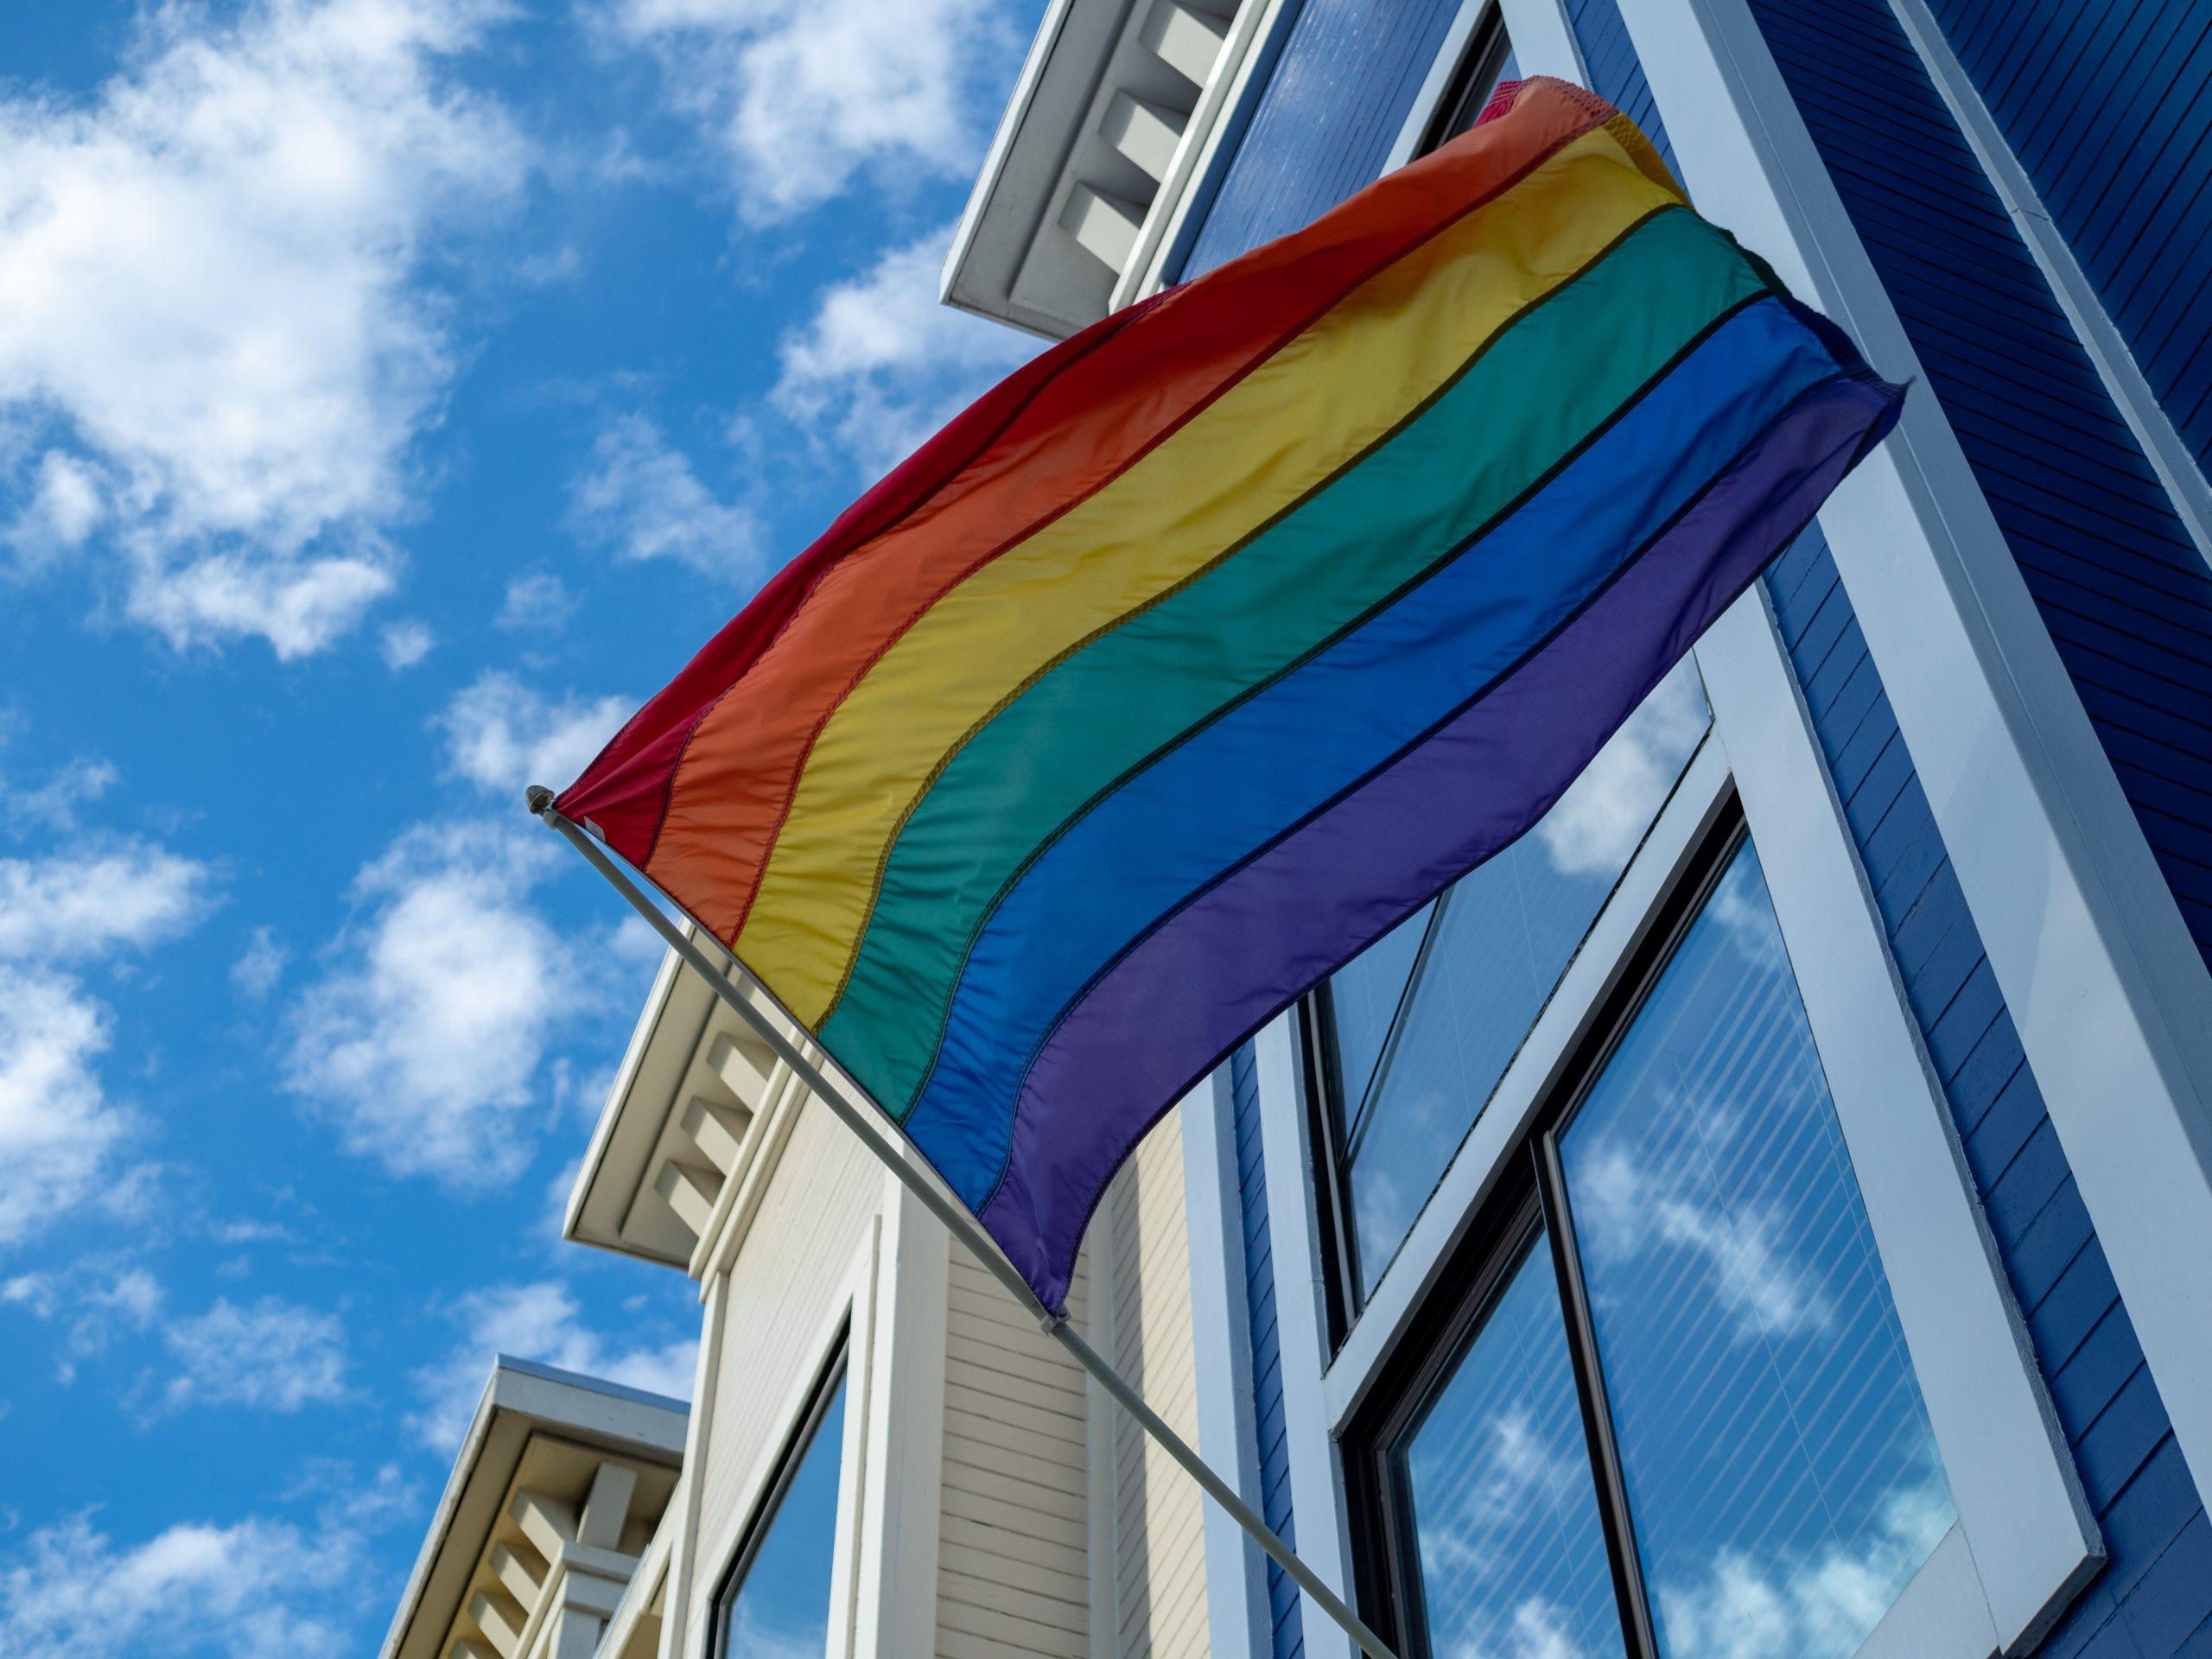 A rainbow flag waves outside of a window